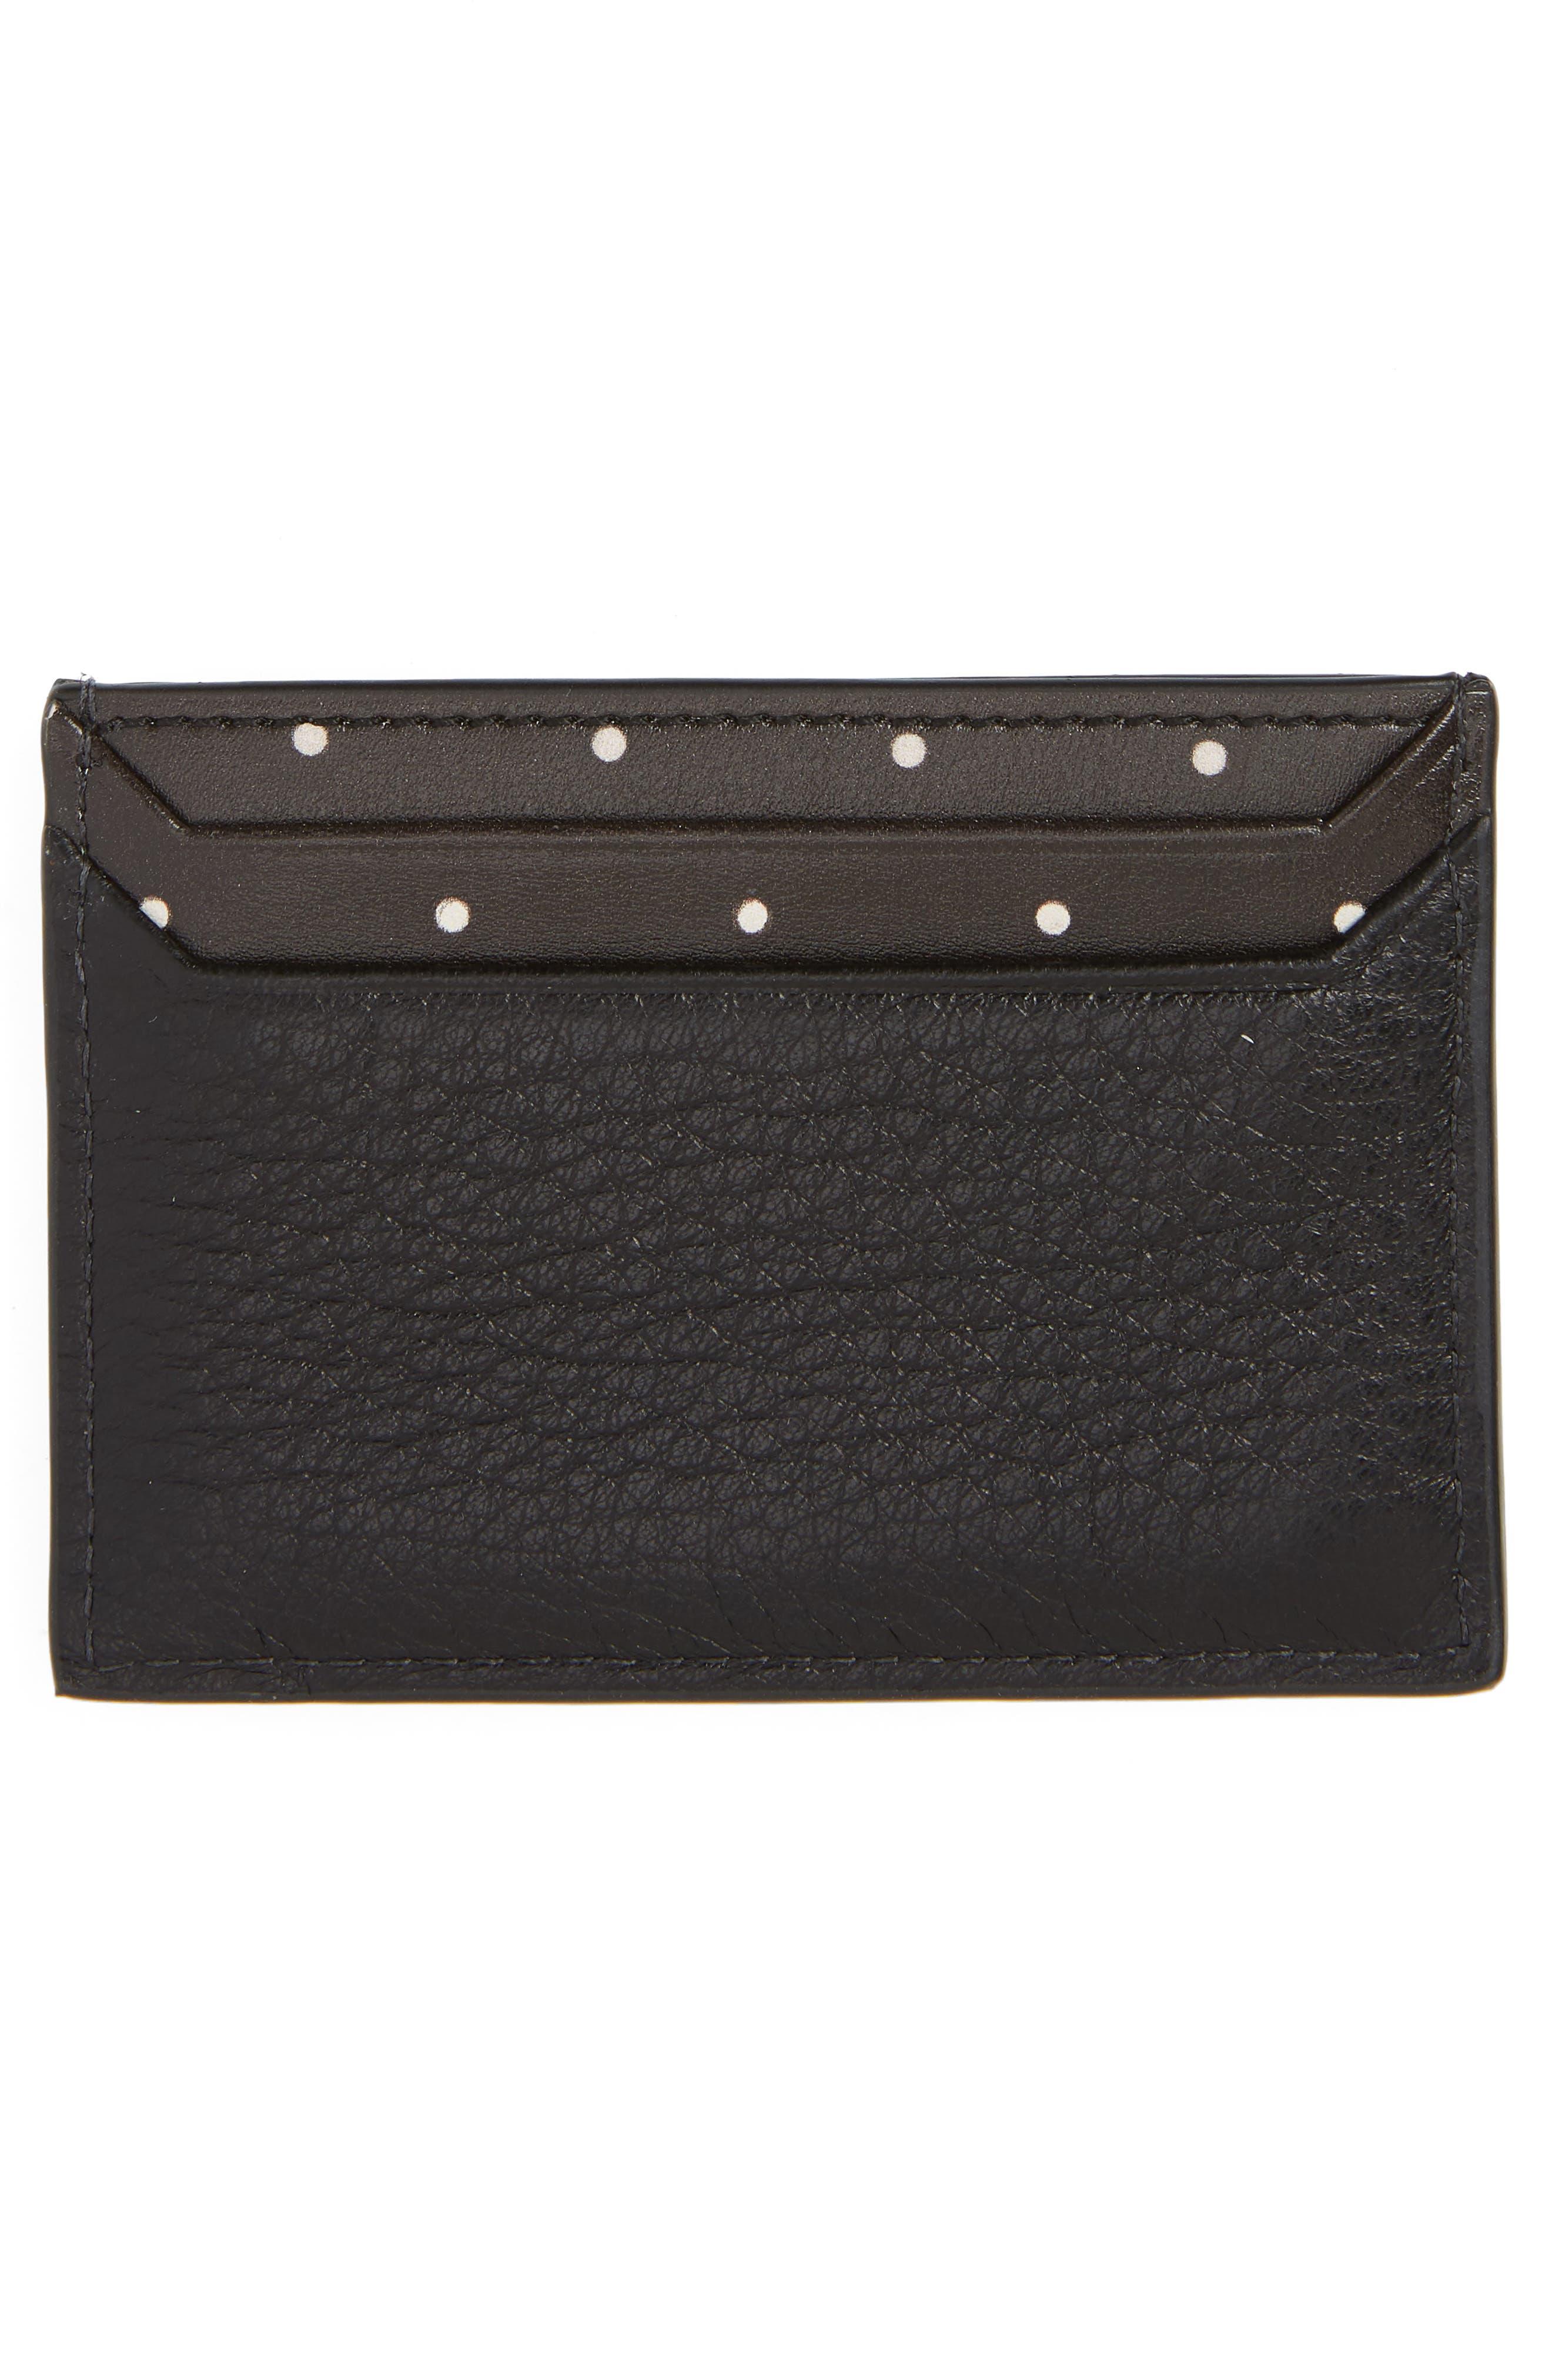 blake street - dot lynleigh leather card case,                             Alternate thumbnail 2, color,                             BLACK